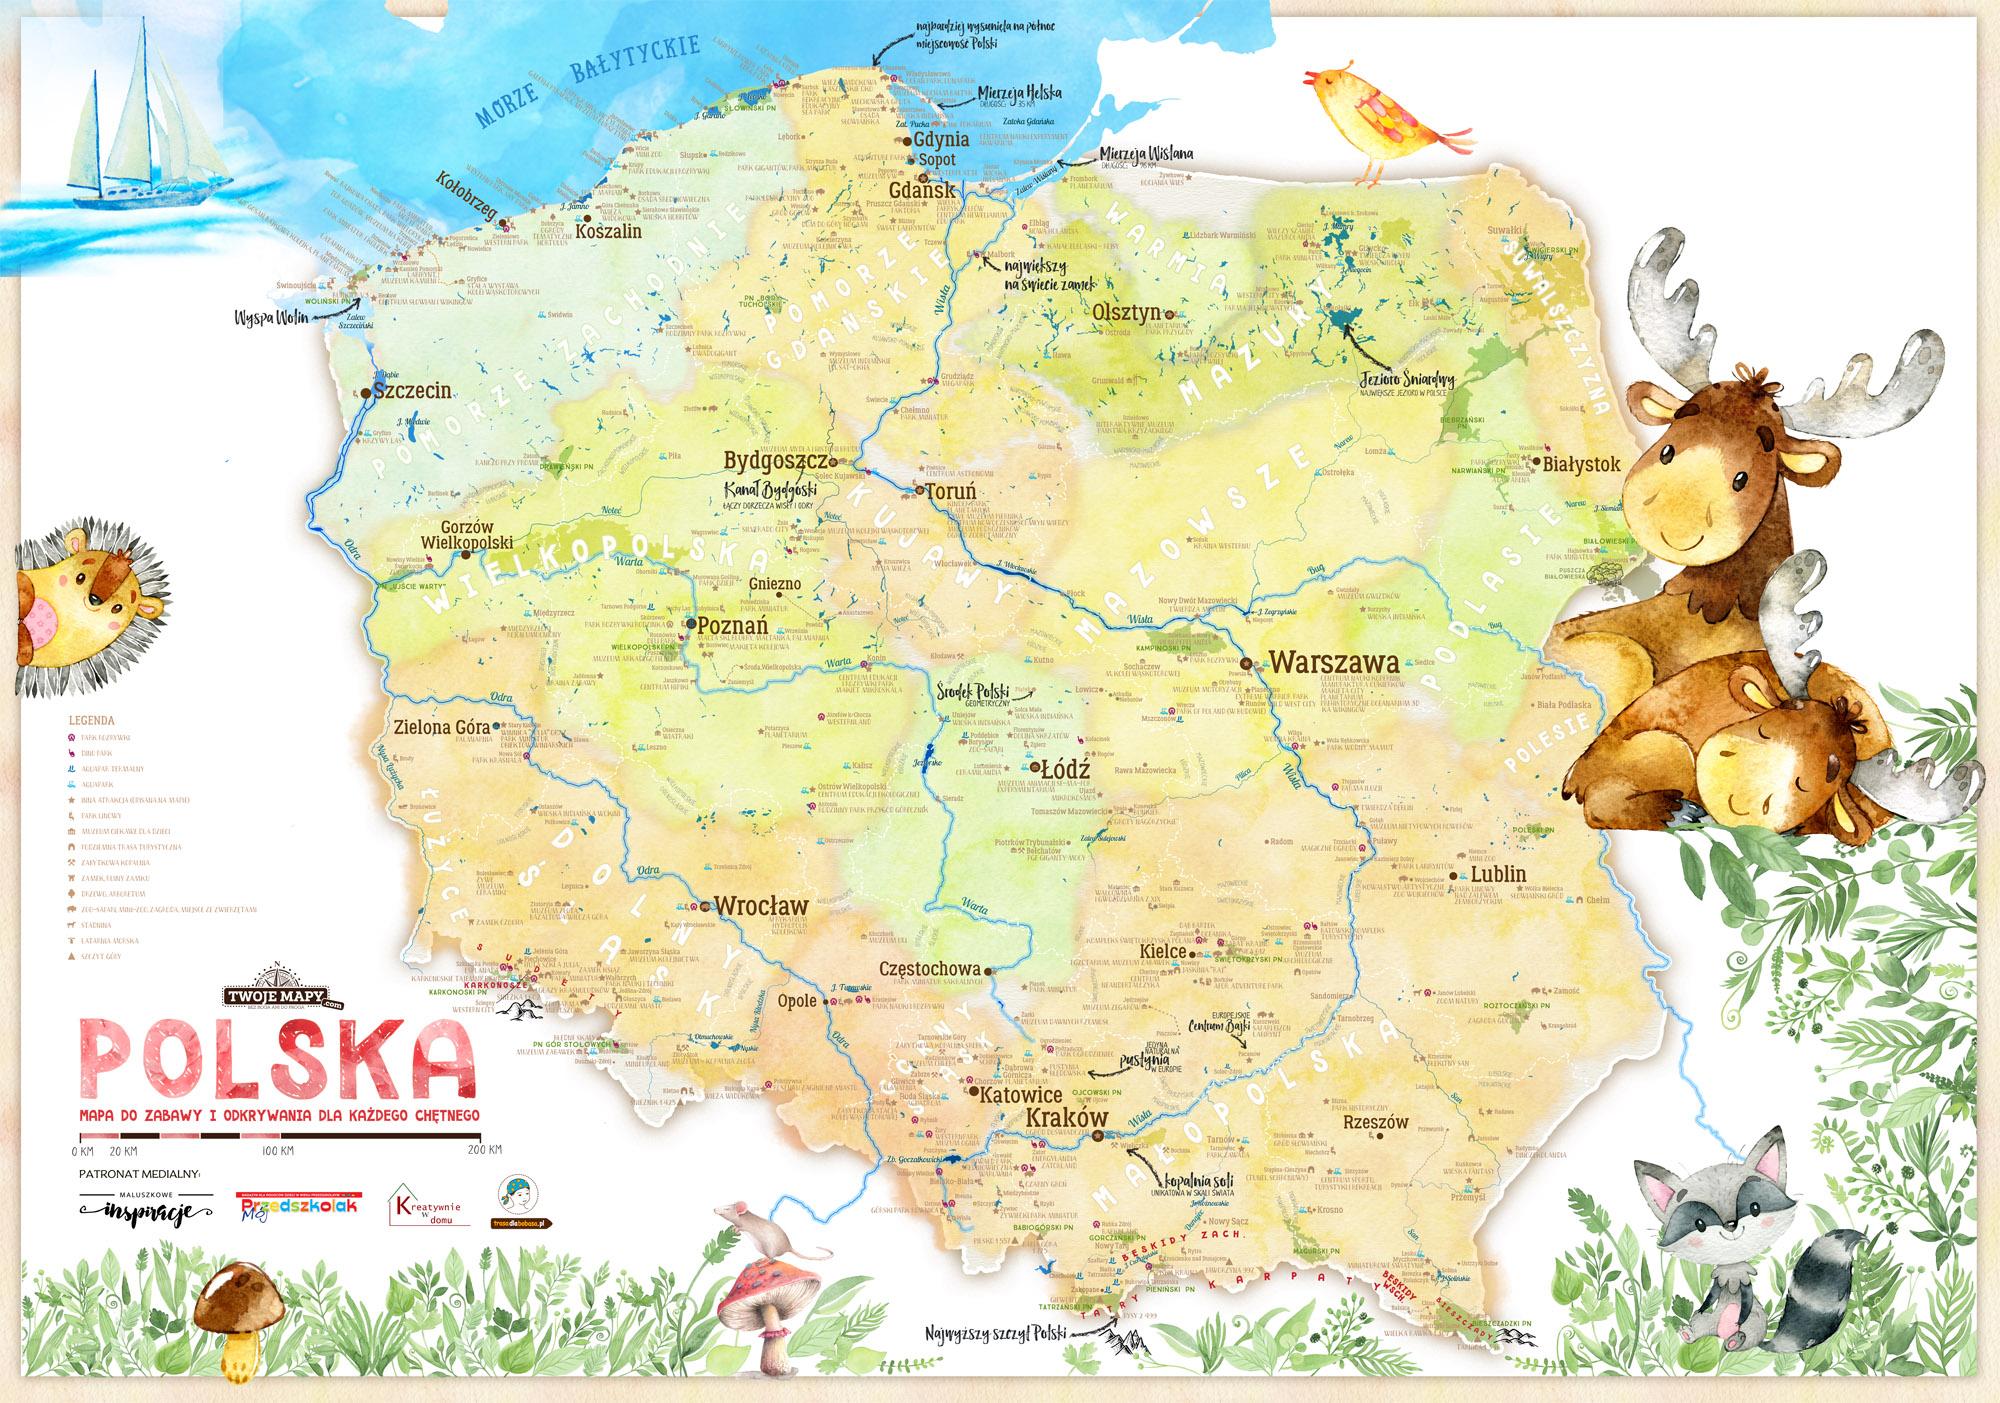 Bardzo dobryFantastyczny Mapa Polski dla dzieci Zestaw Edukacyjny - Kolekcje \ Geografia QJ45